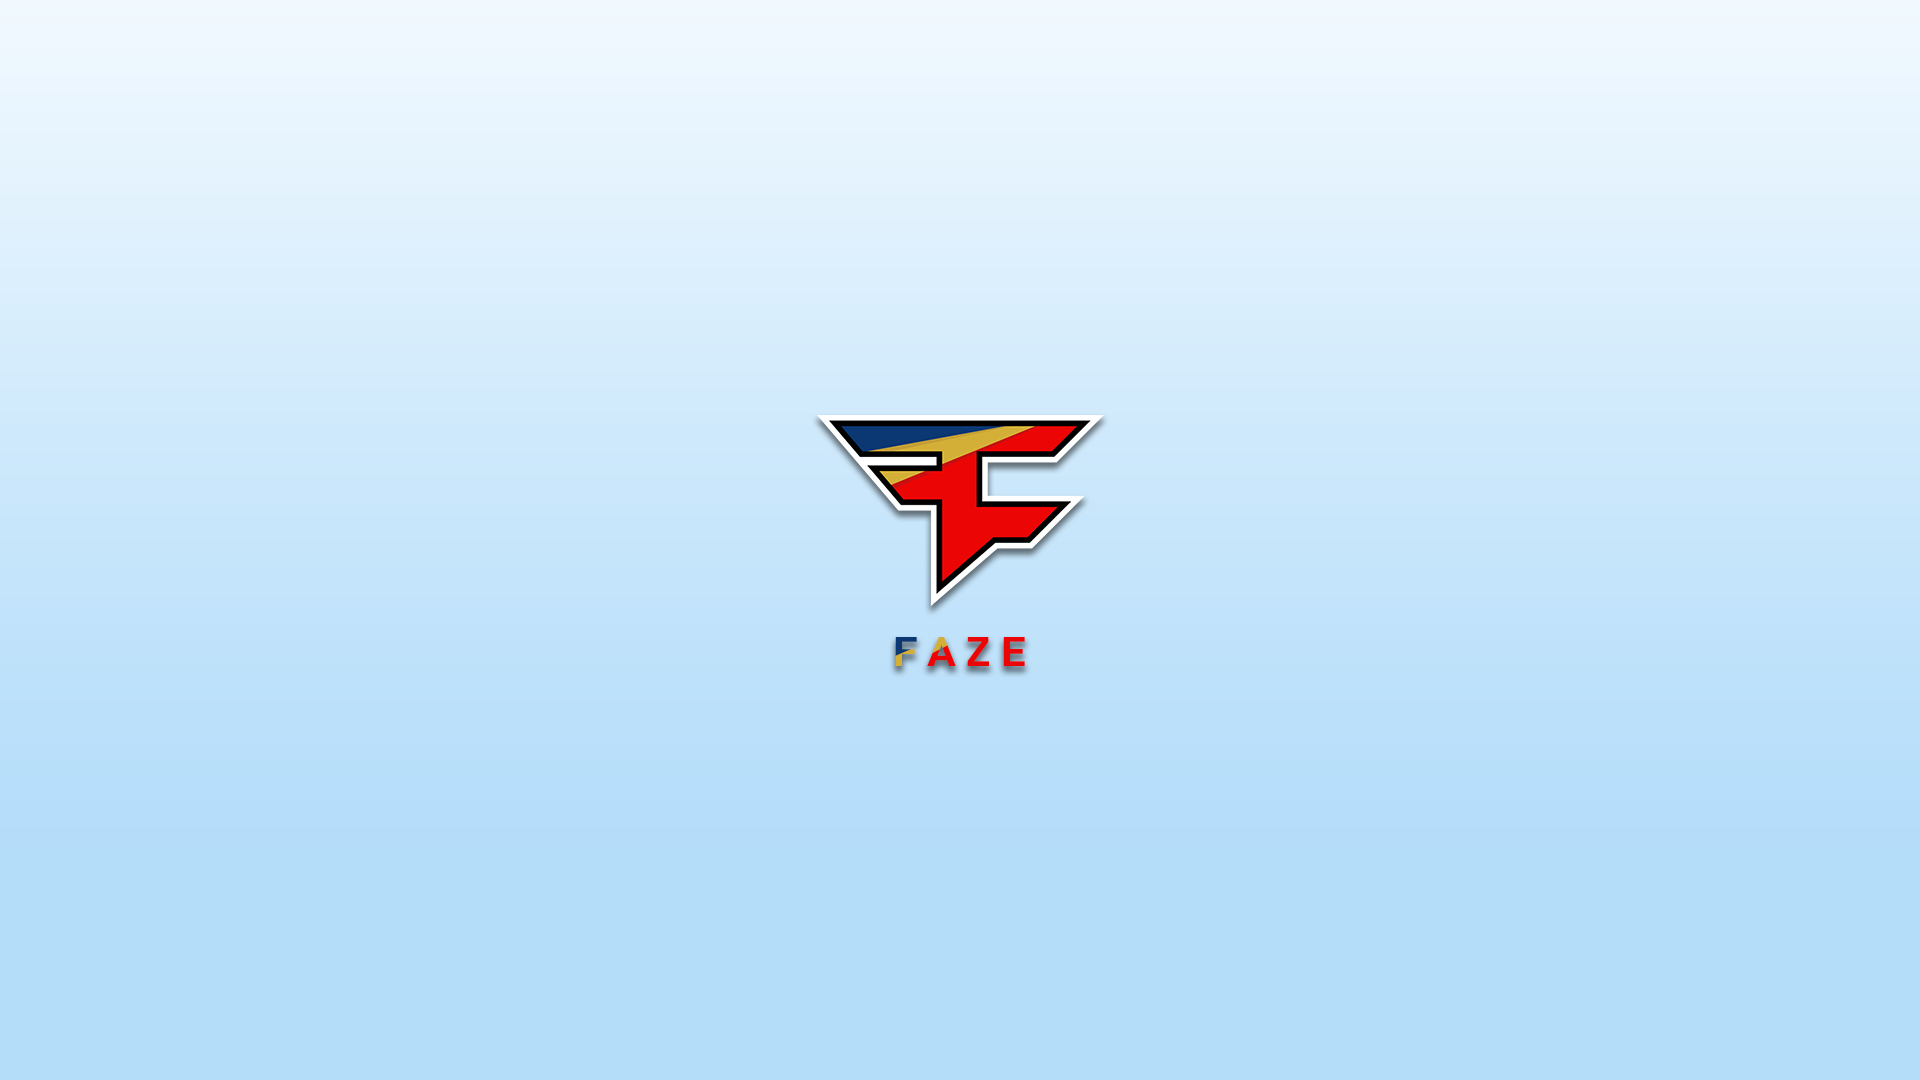 FaZe Wallpaper